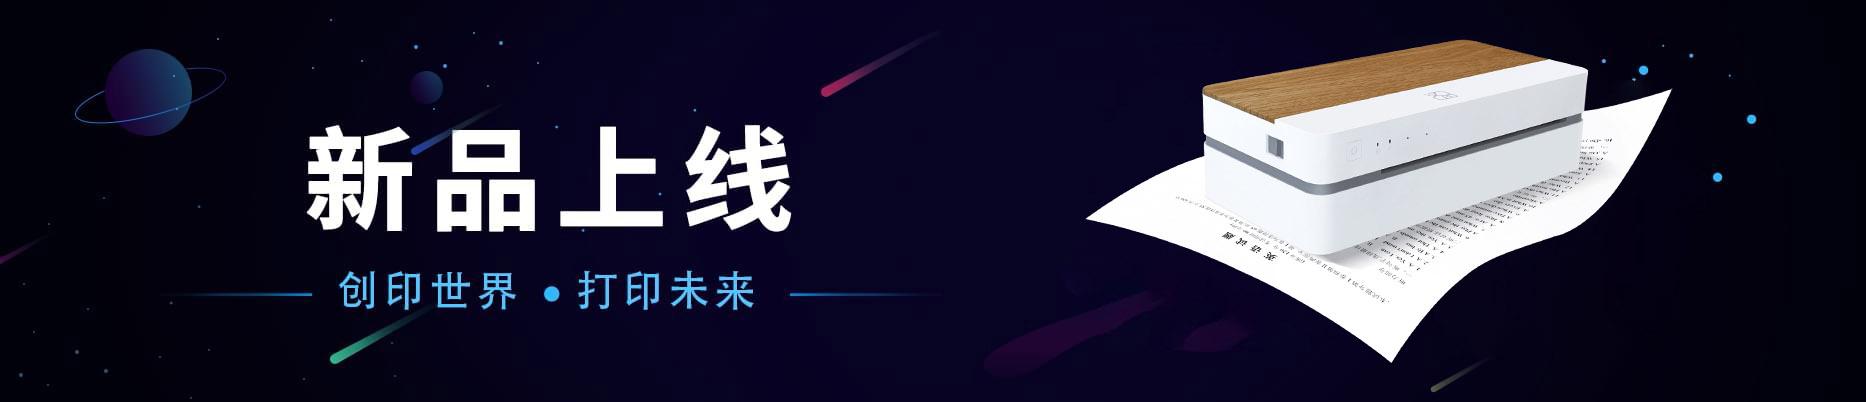 新品上市-厦门汉印电子技术有限公司